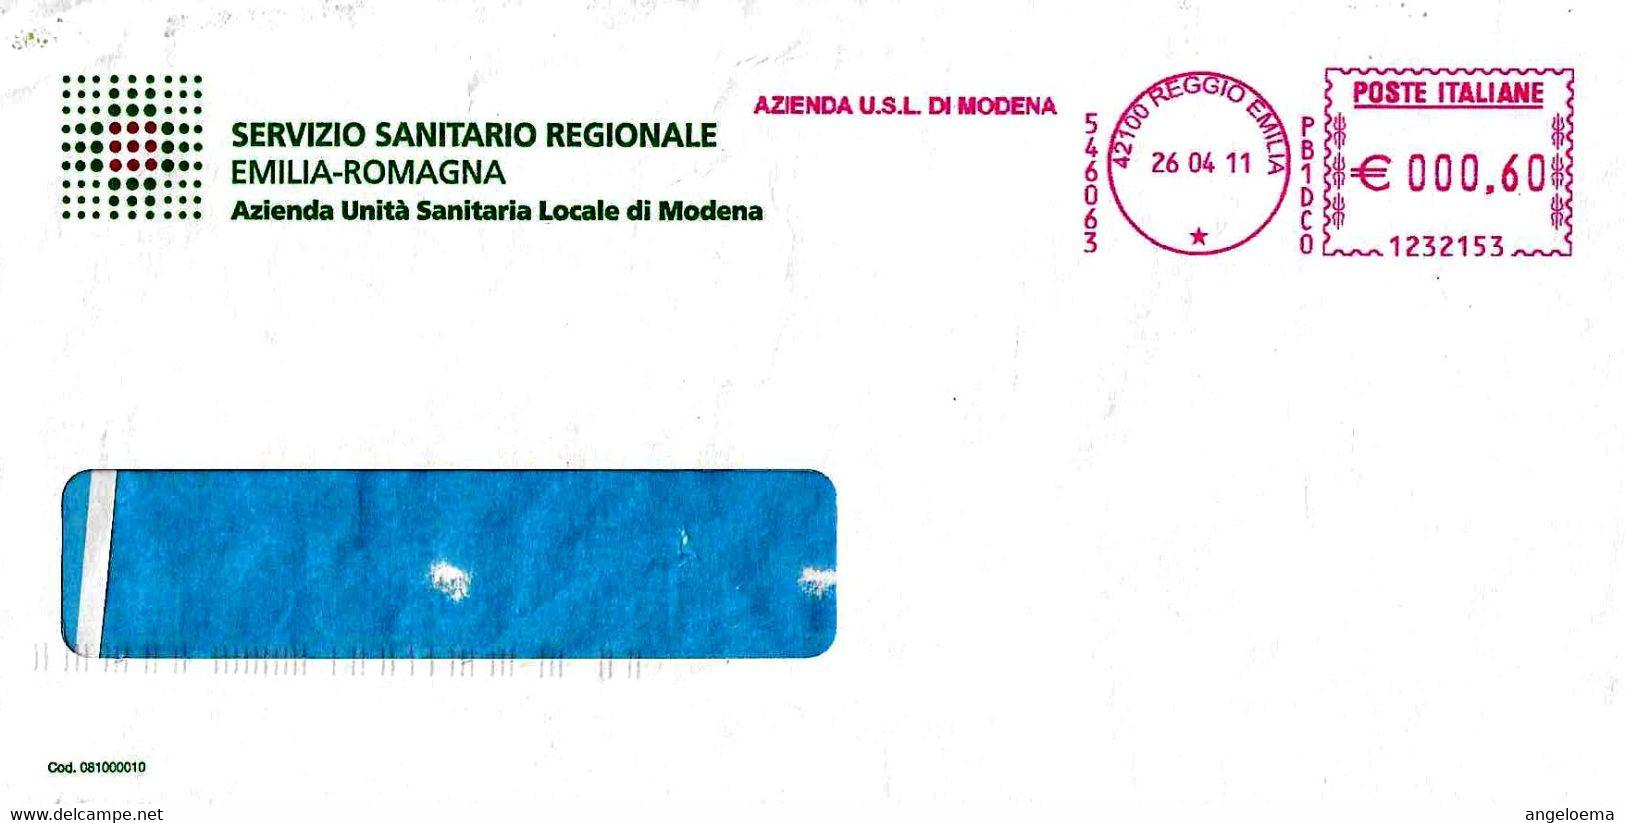 ITALIA - 2011 REGGIO E. Azienda USL Di Modena - Ema Affrancatura Meccanica Rossa Red Meter - Medicina